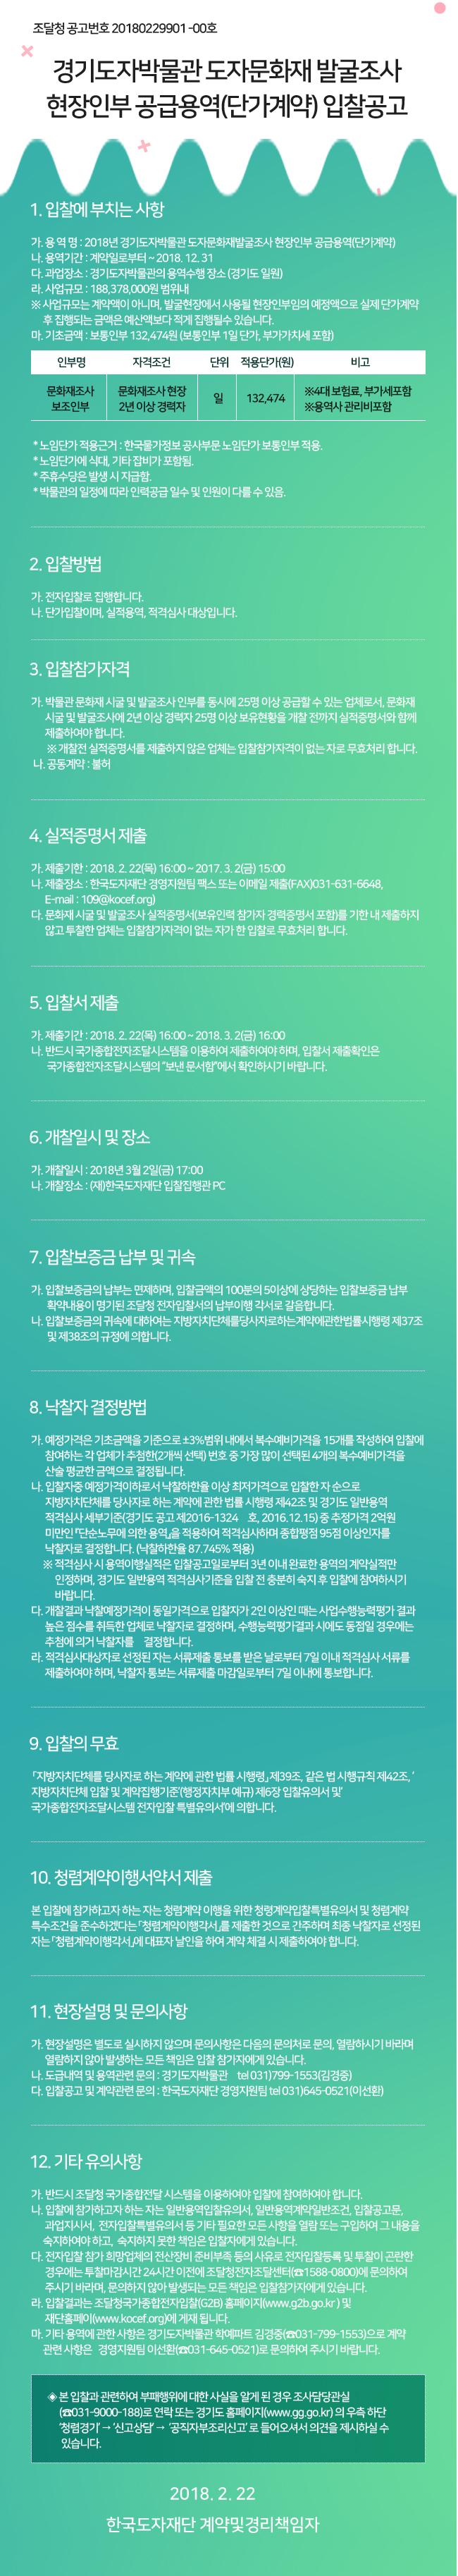 경기도자박물관 도자문화재 발굴조사 현장인부 공급용역(단가계약) 입찰공고